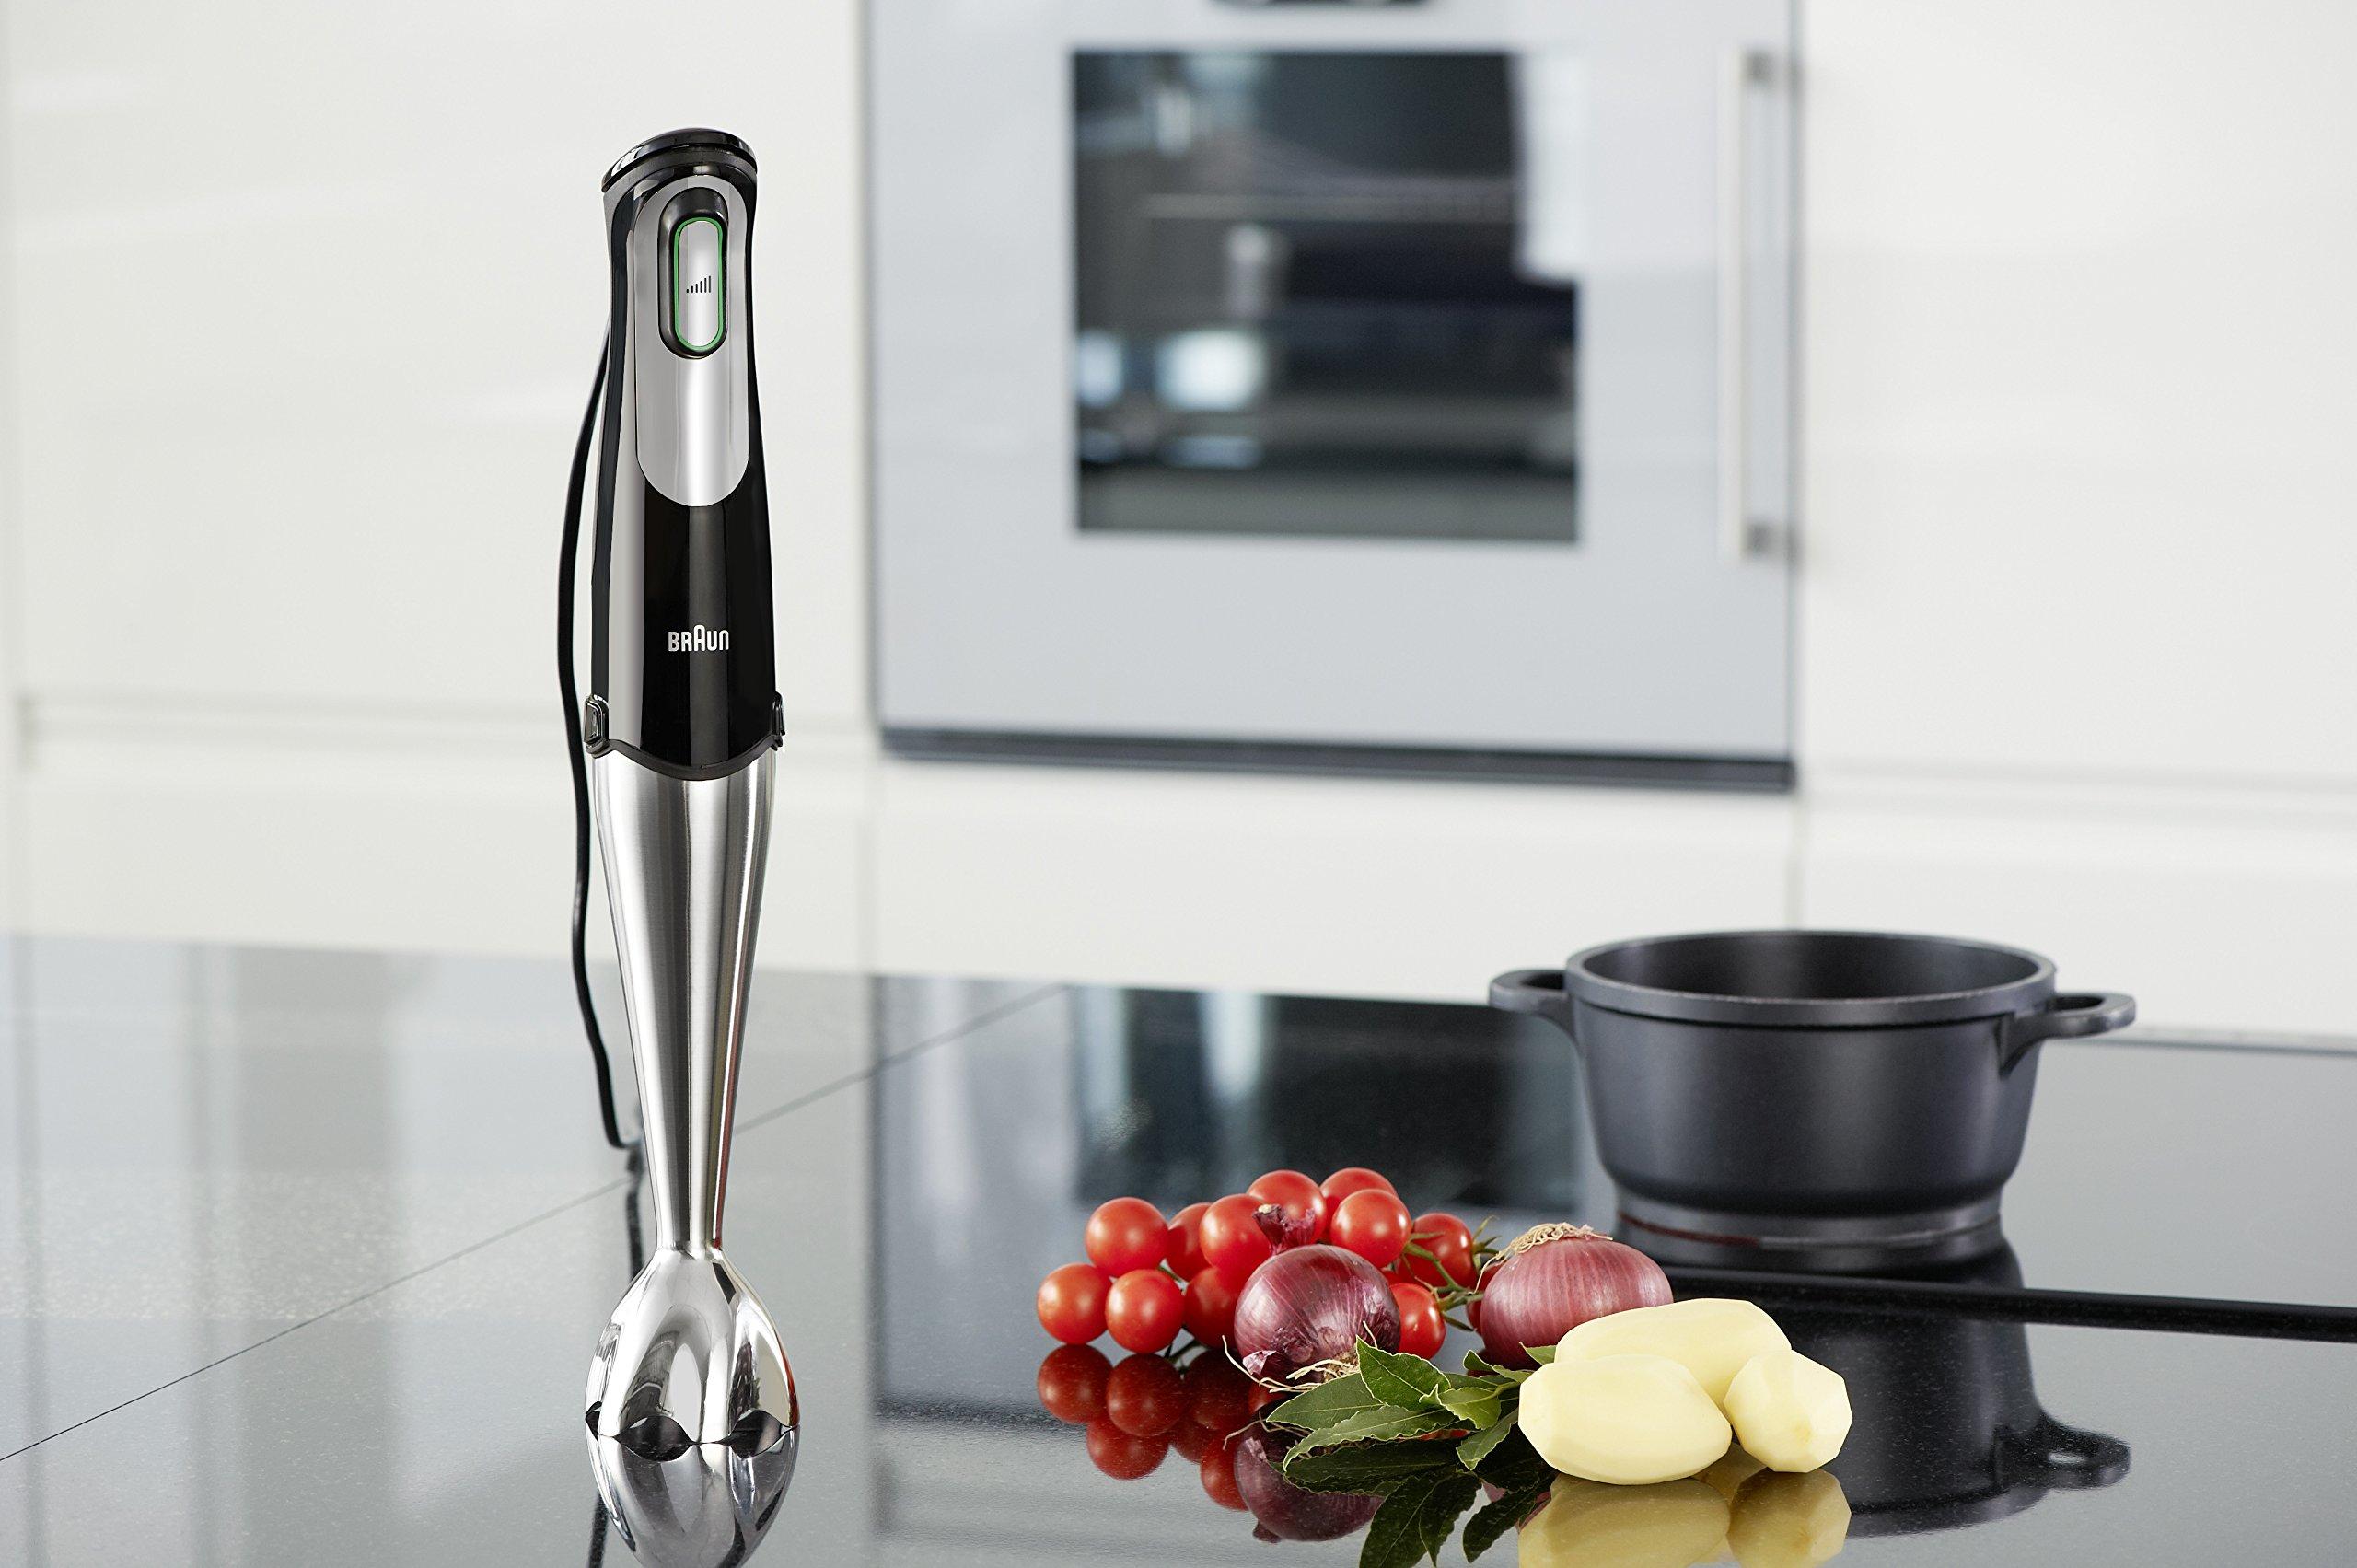 Braun-Multiquick-MQ-700-Soup-Multiquick-7-Stabmixer-750-Watt-schwarz